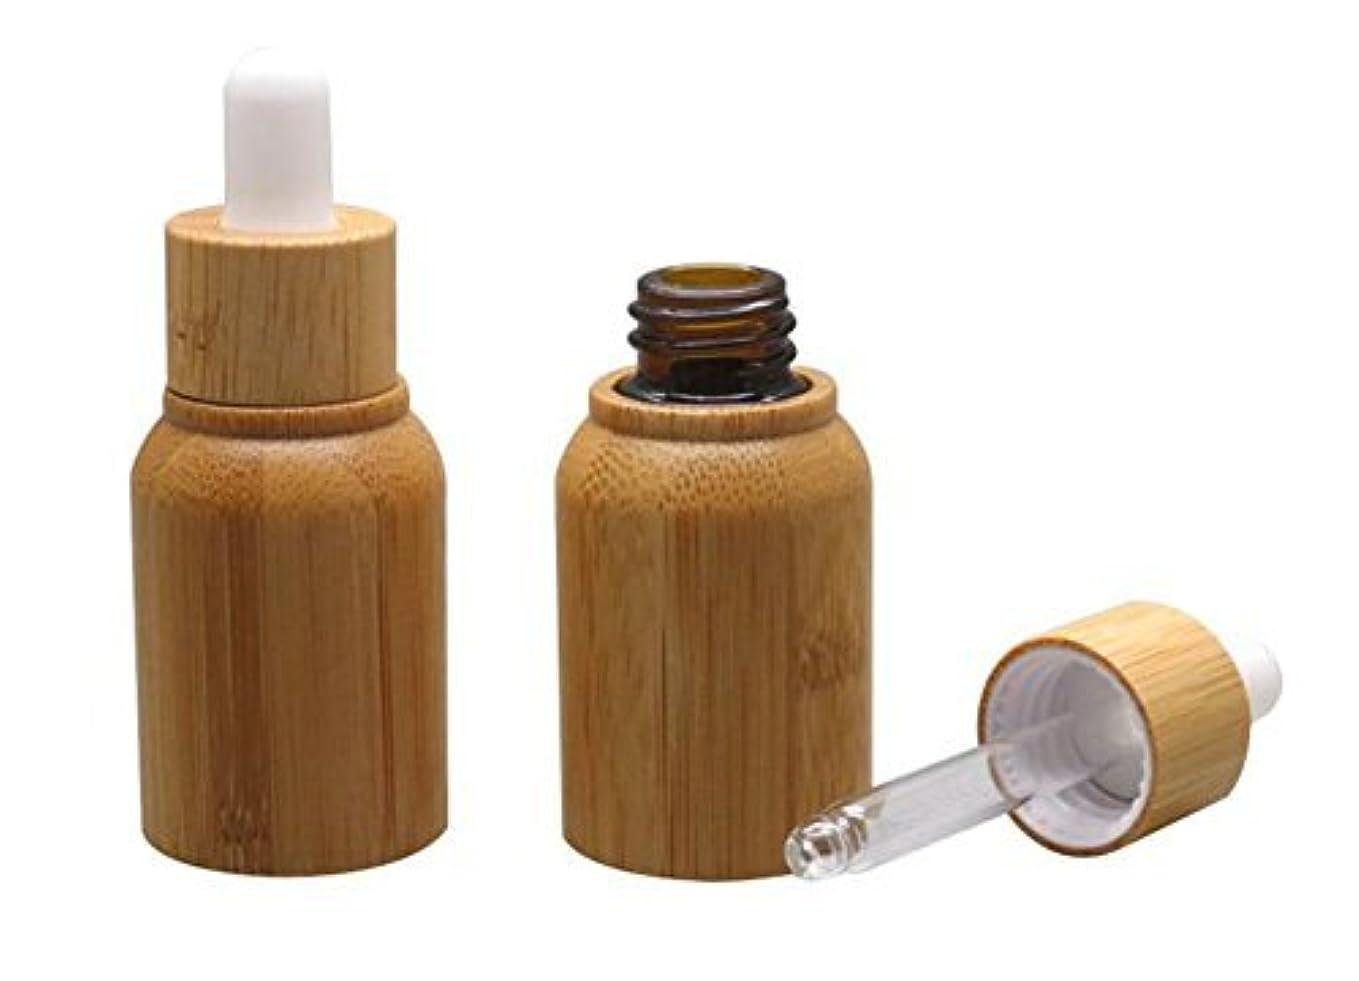 リスキーなくそーロマンス1PCS 10ML 10G Bamboo Glass Eye Dropper Bottle with Pipettes Cosmetic Sample Container Bottles for Essential Oil...